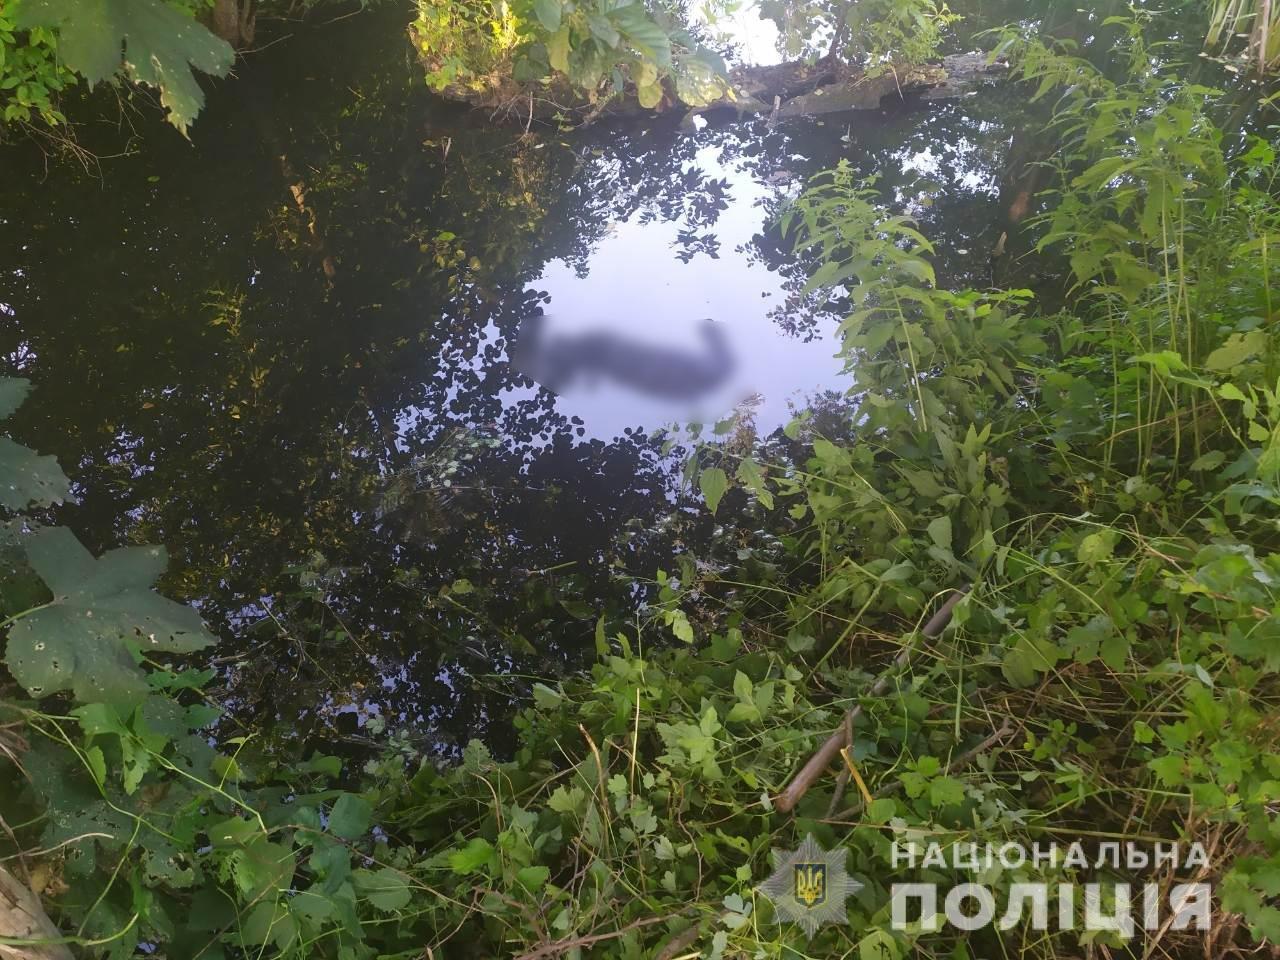 Упал в реку и не смог выбраться: под Харьковом утонул пенсионер, - ФОТО, фото-1